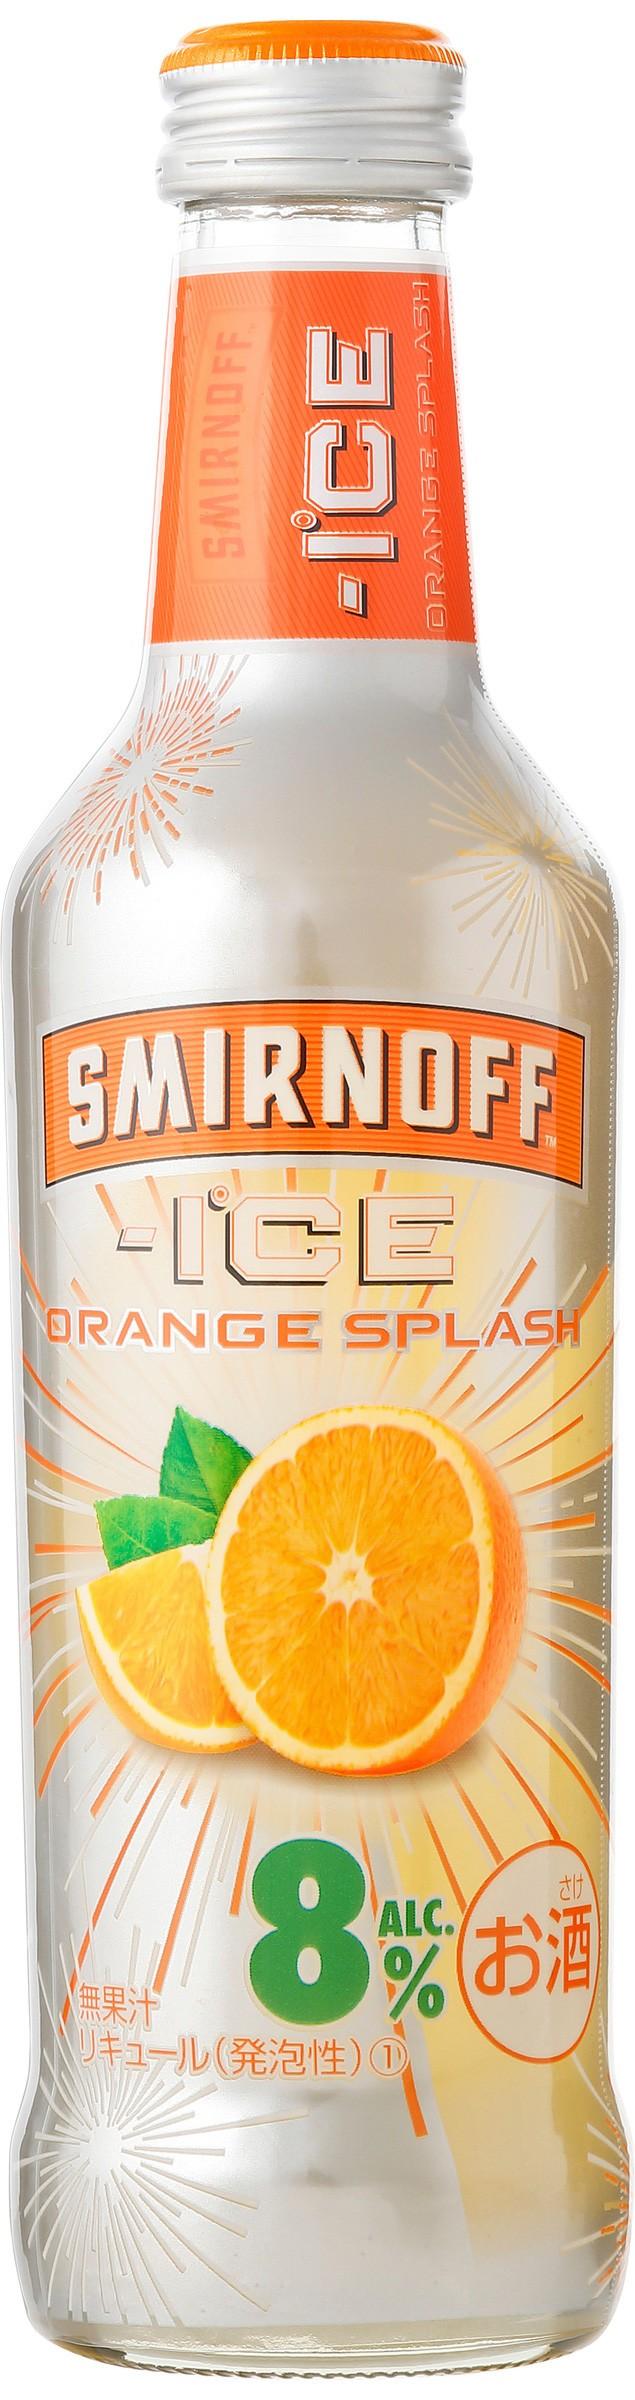 爽やかオレンジテイスト 「スミノフアイス」夏限定商品